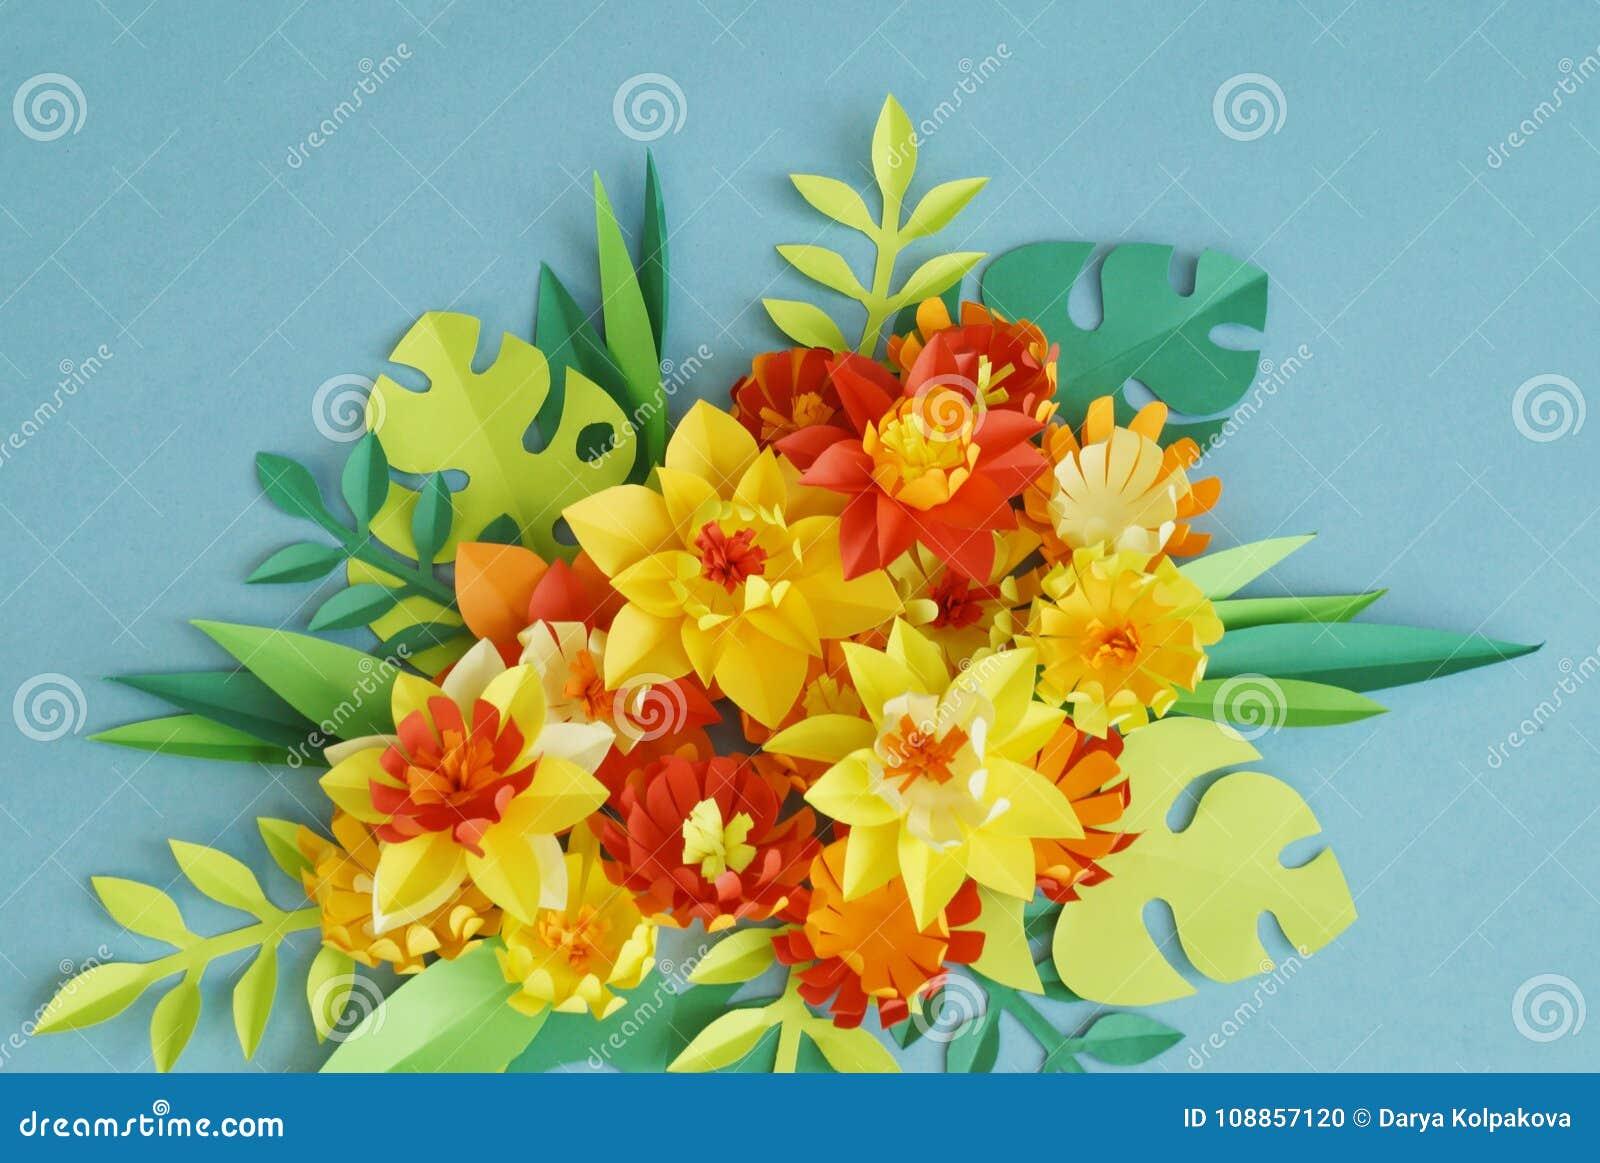 Arreglo Floral De Las Flores De Papel En Un Fondo Azul